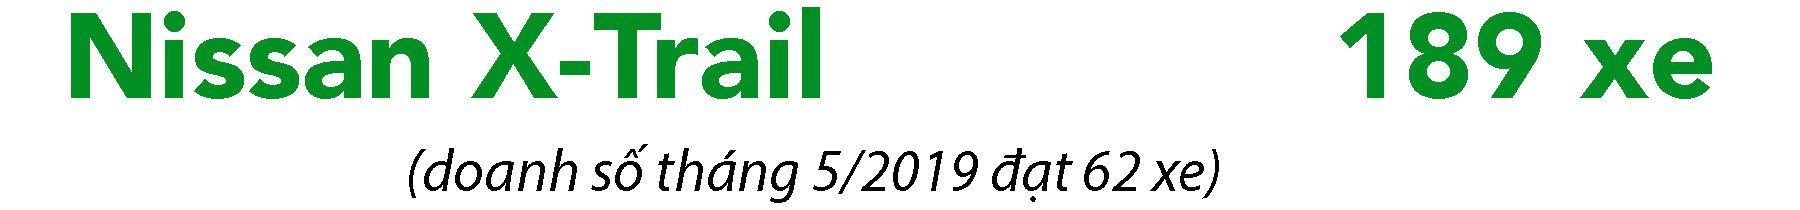 Phân khúc crossover tháng 6/2019: Xe lắp ráp trong nước bị lép vế? - 16